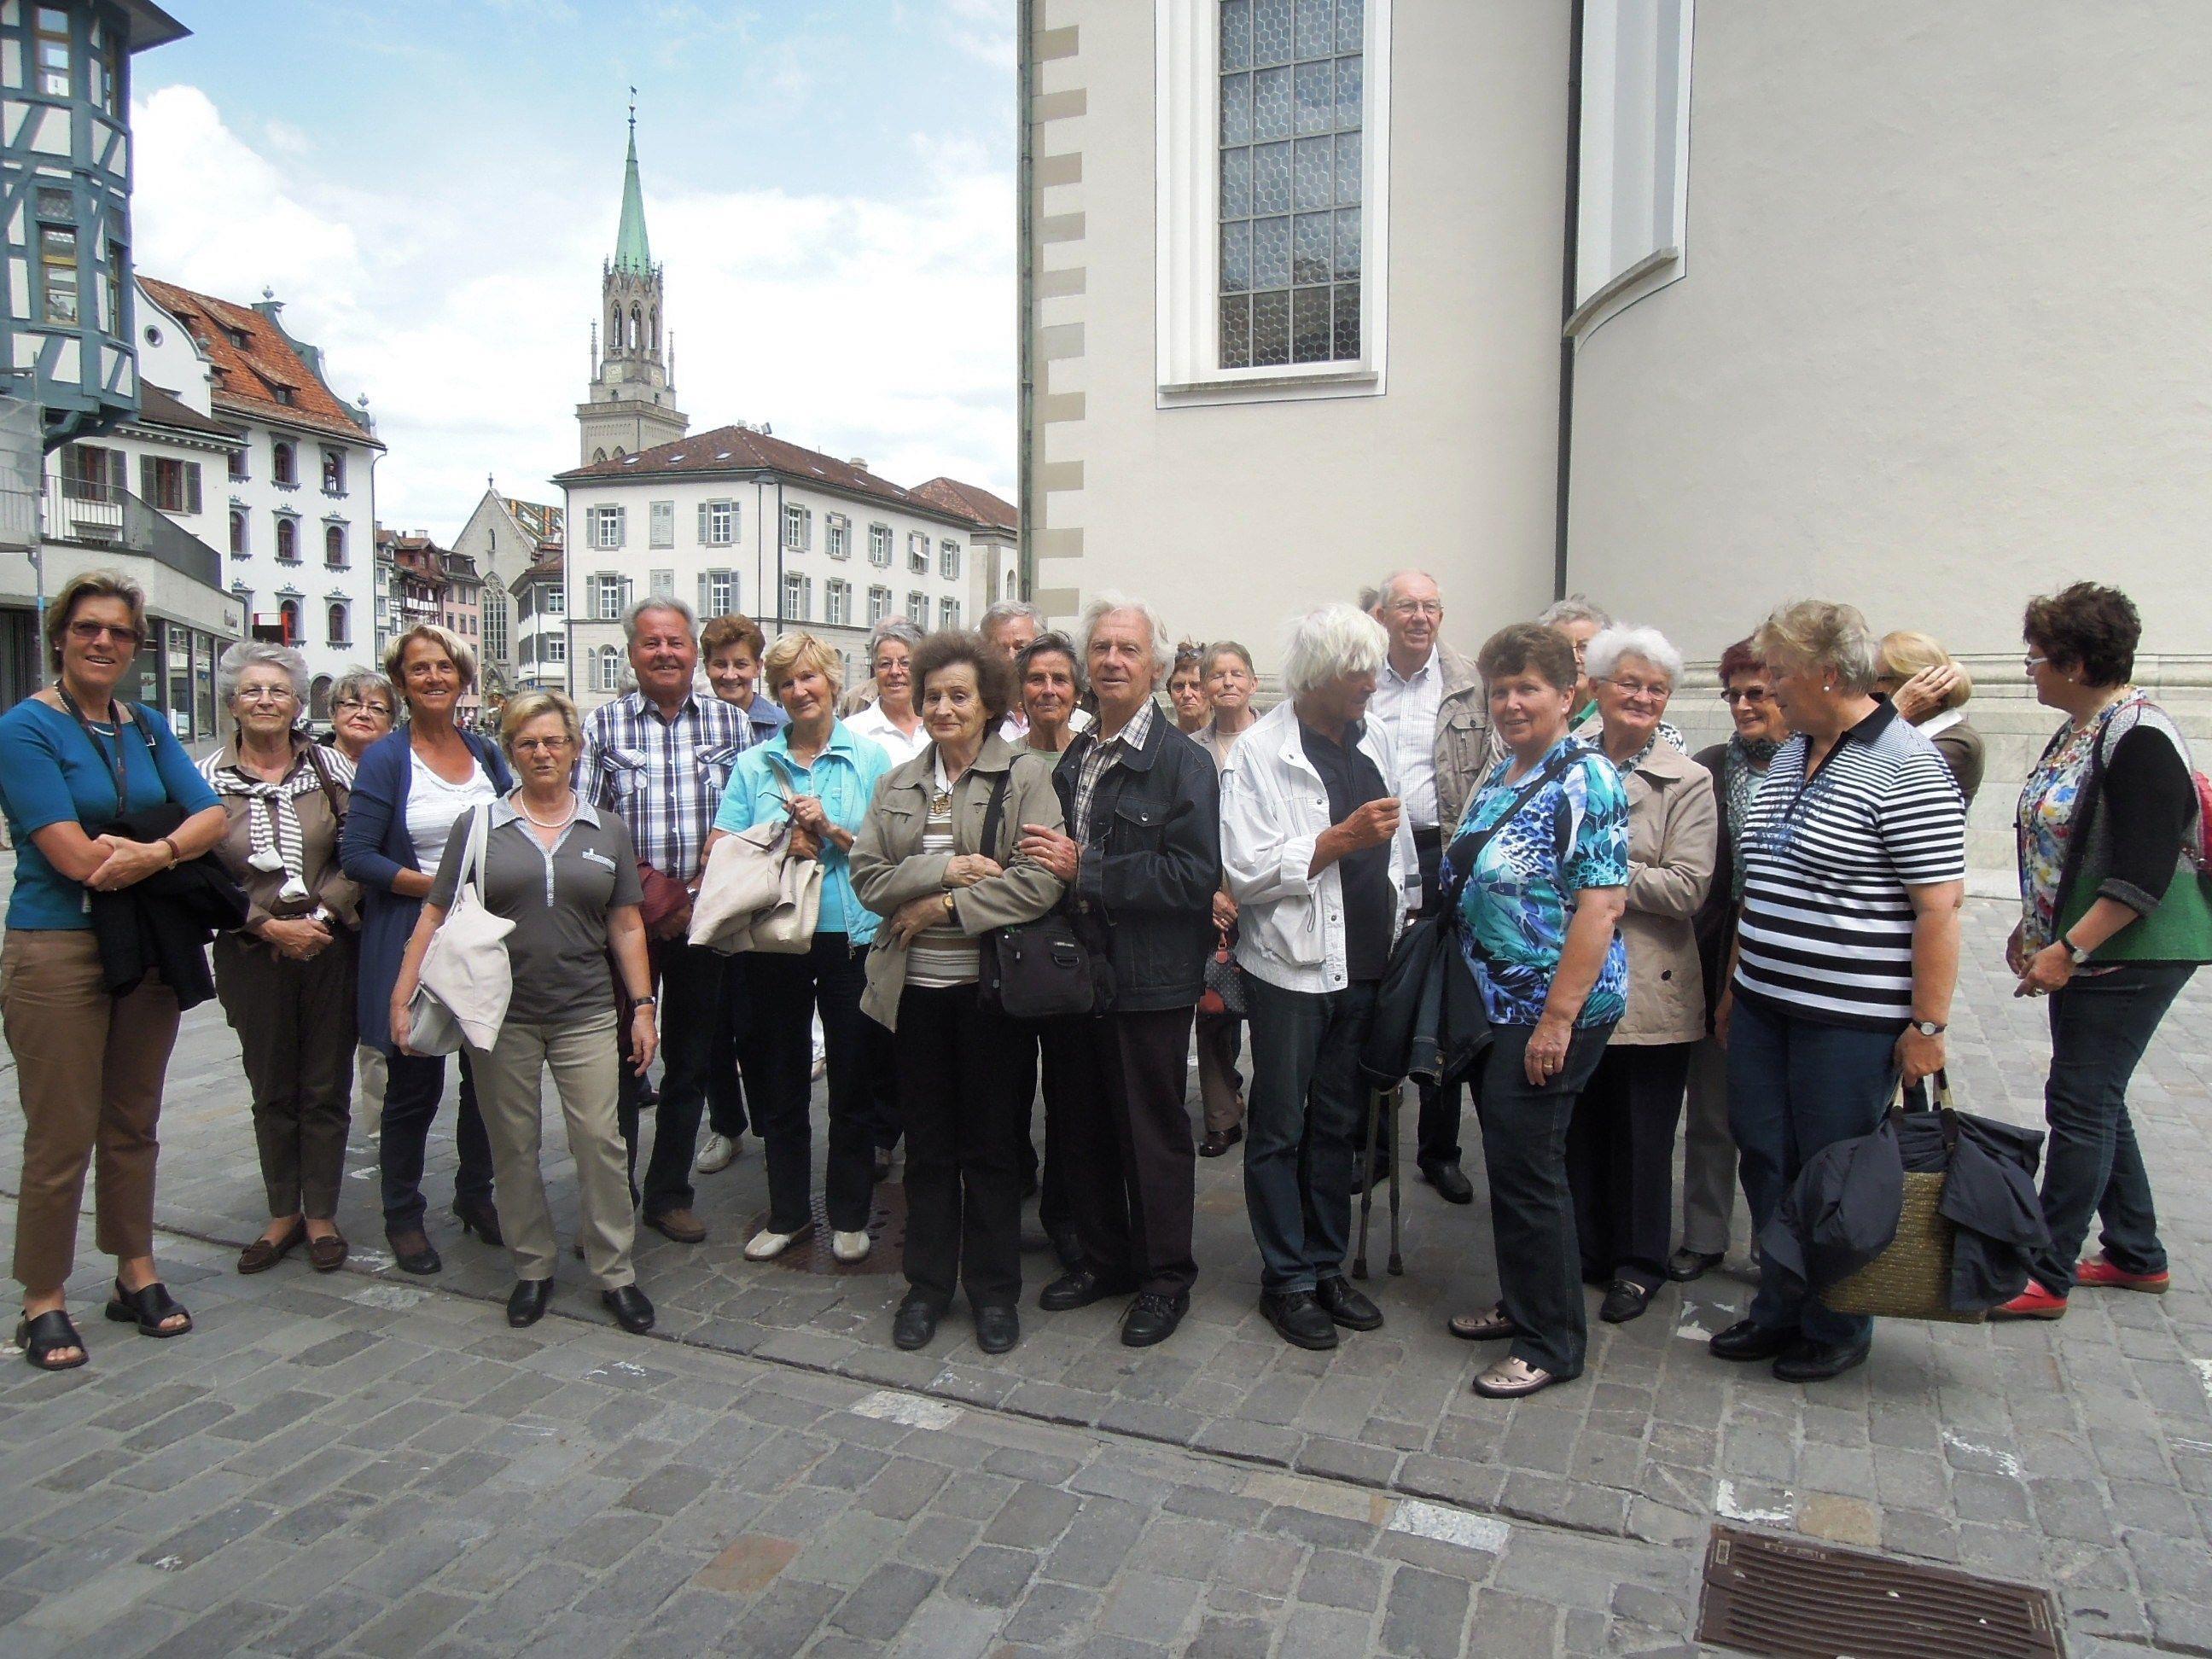 Ausflug der Senioren nach St.Gallen.